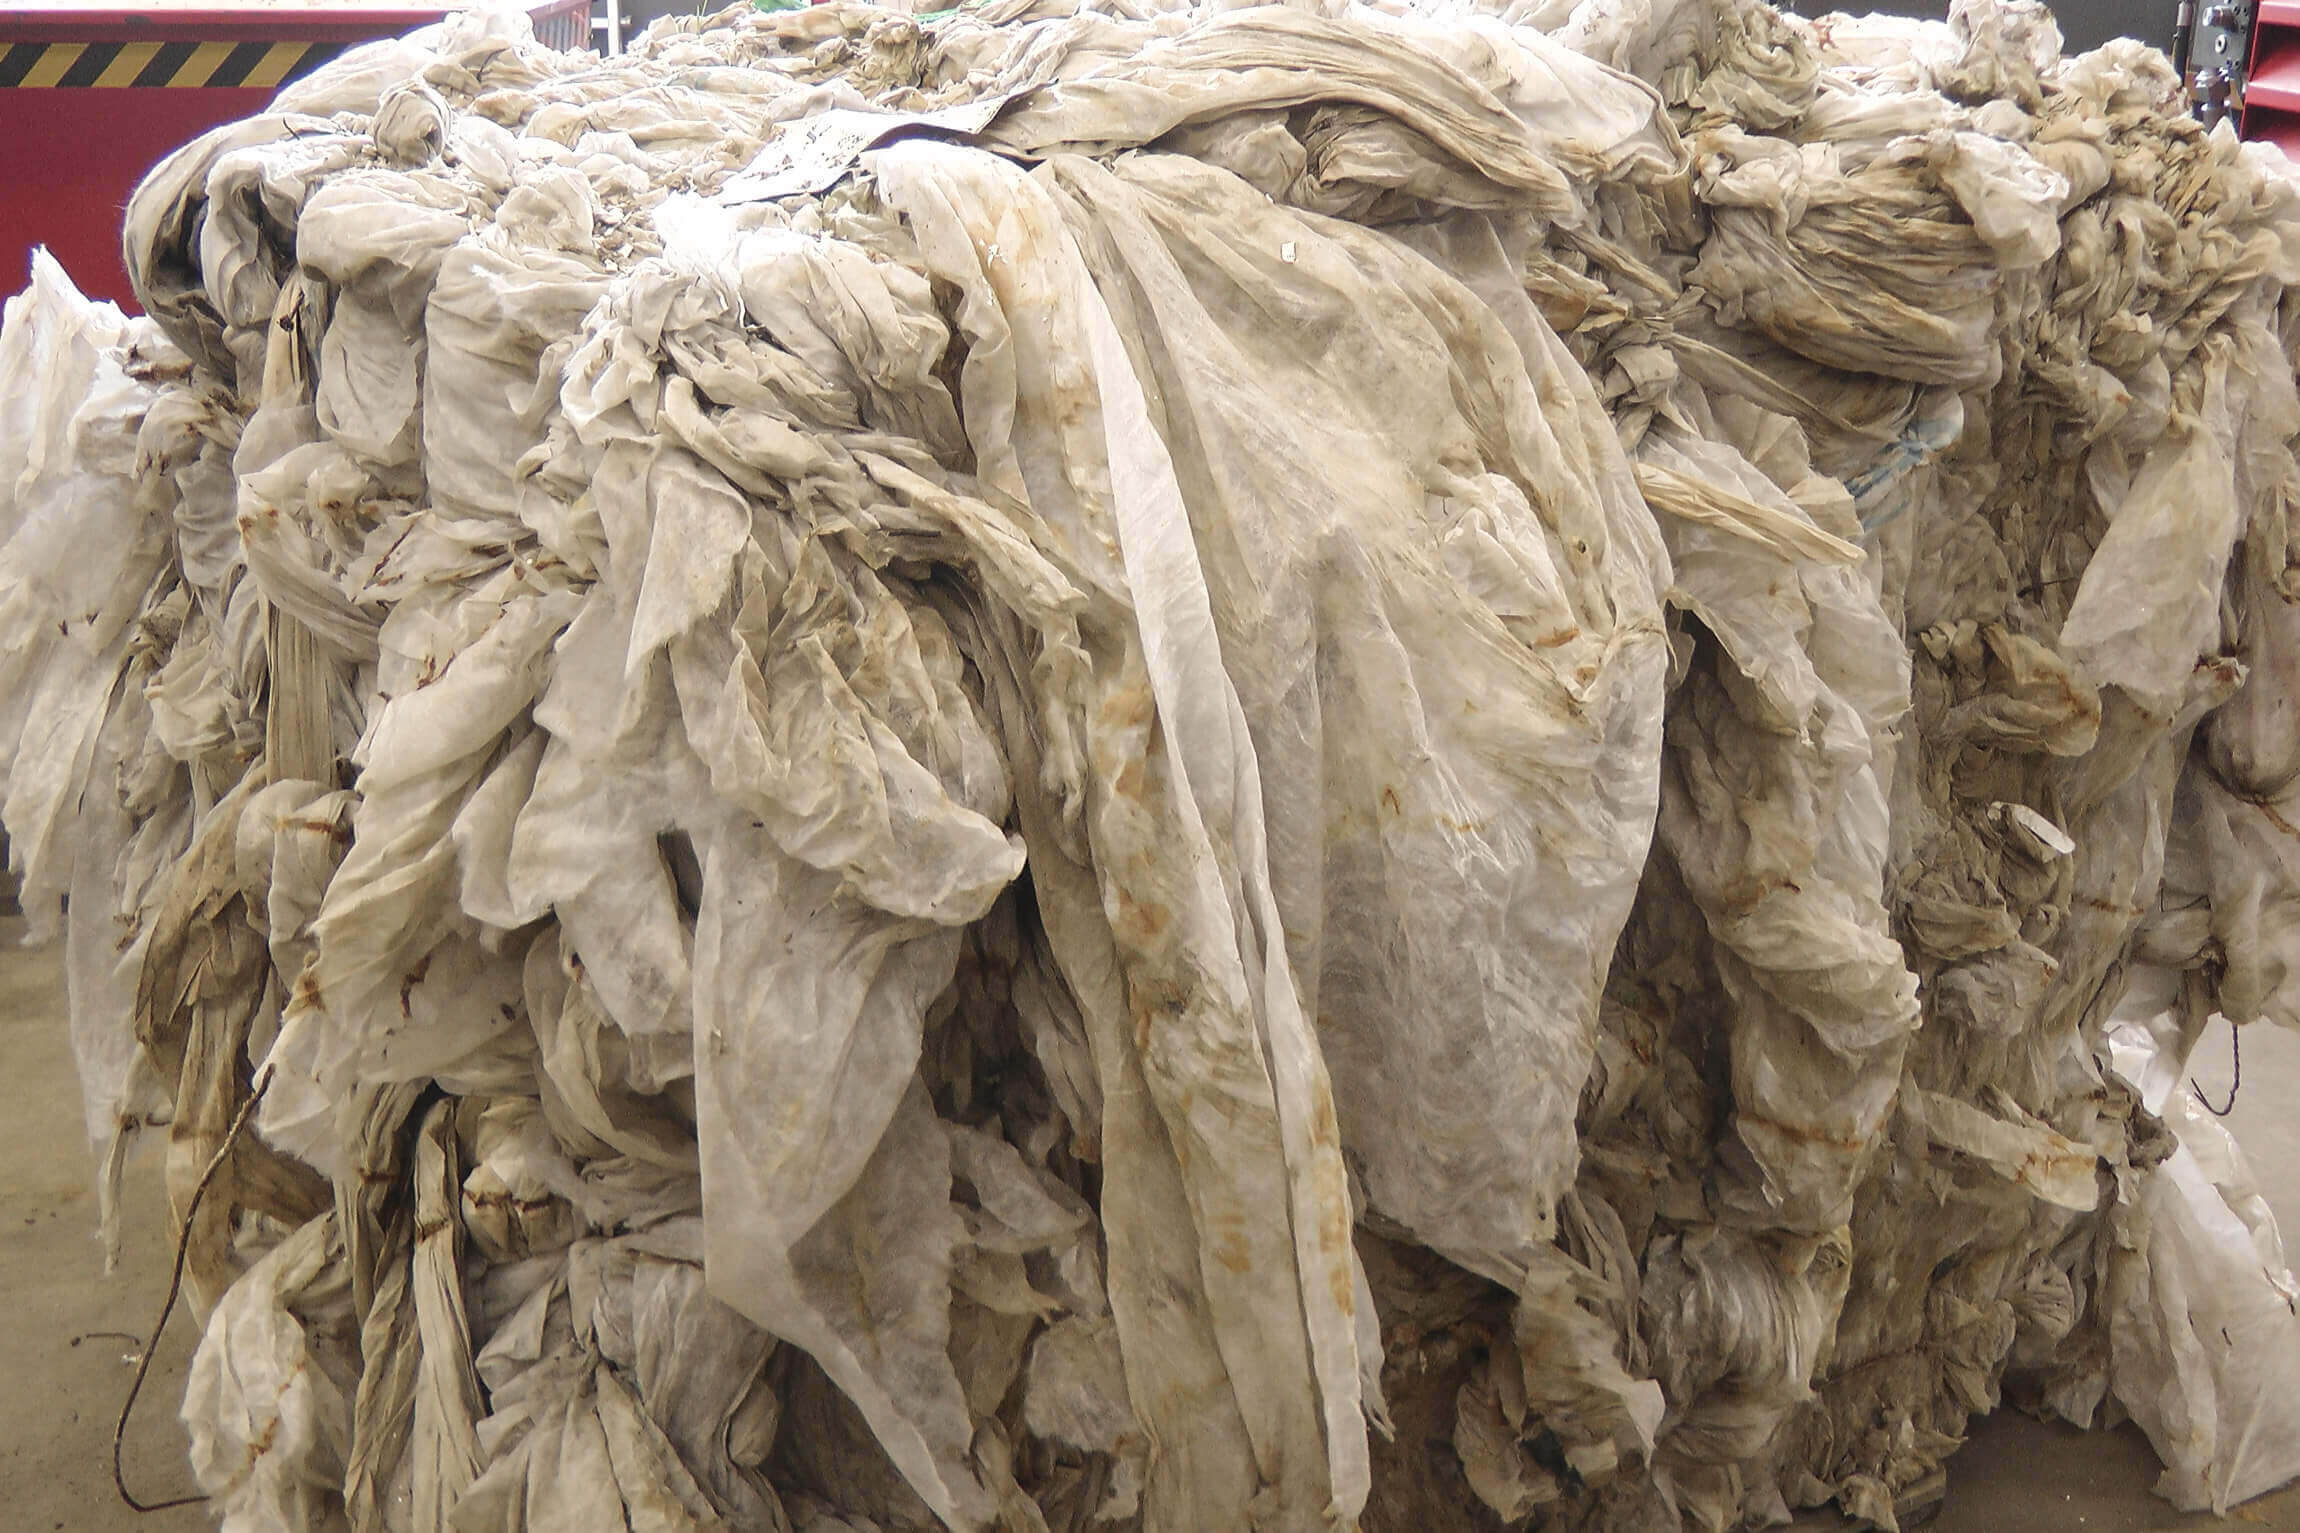 Kontaminierte Agrarfolie wird in Ballen gelagert und transportiert